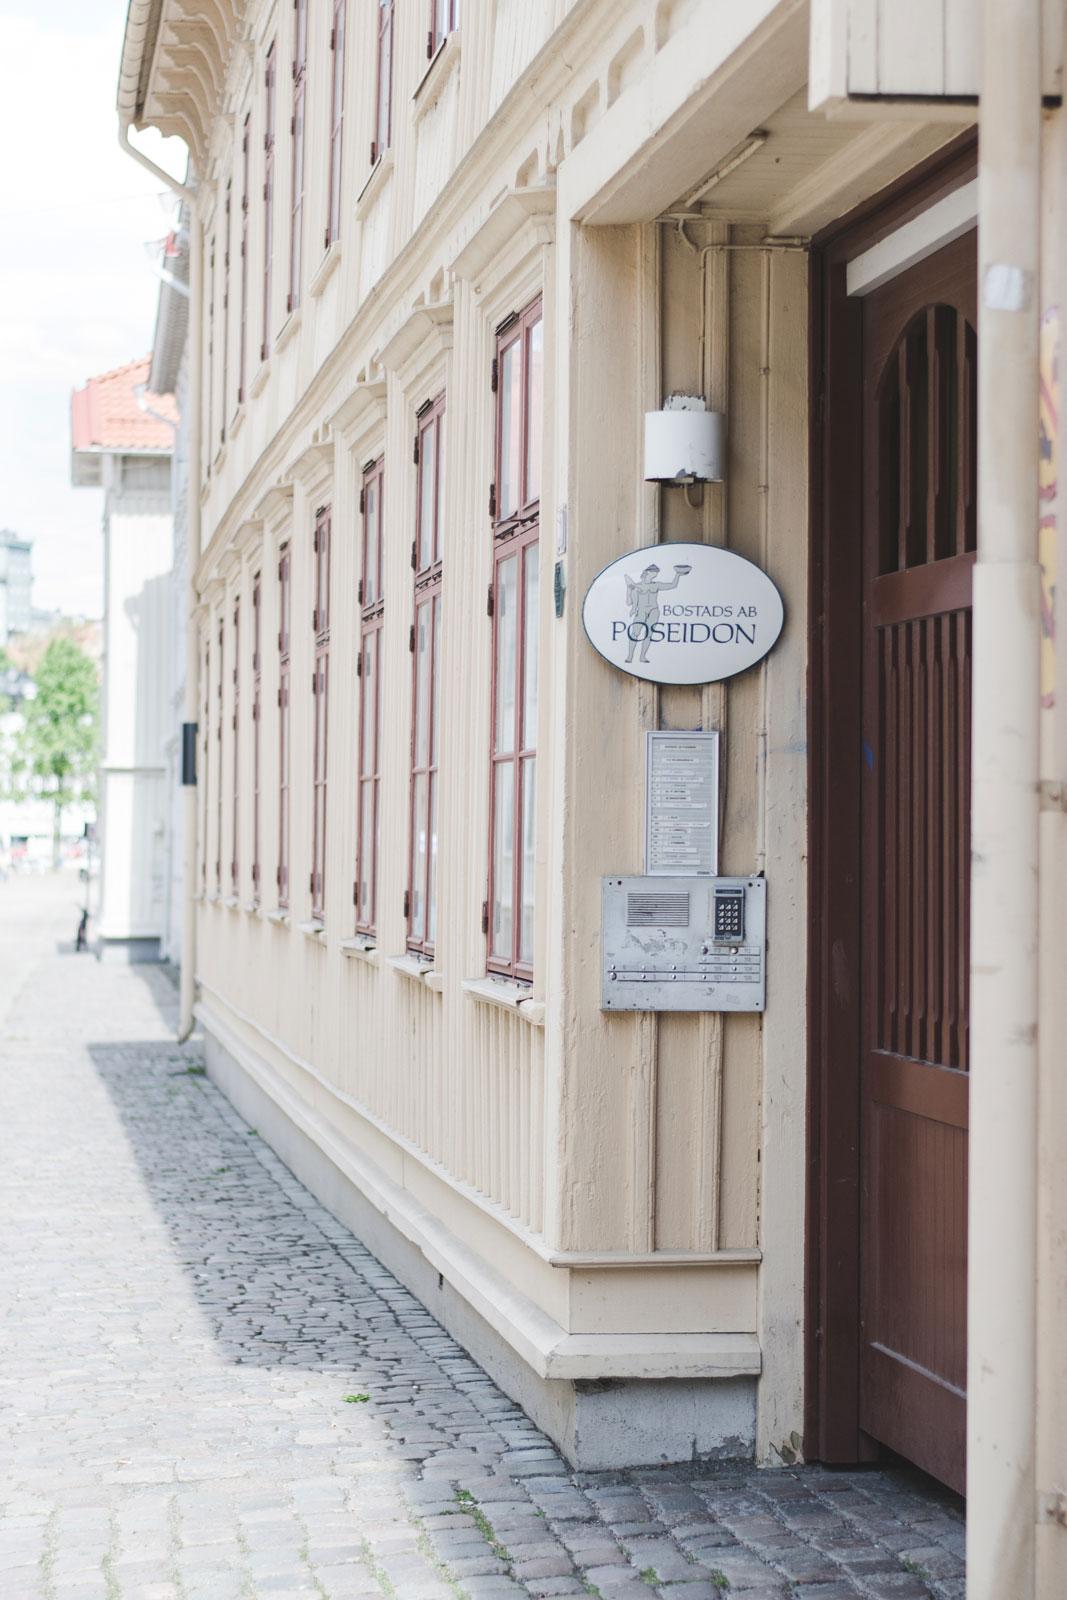 Haga-Goteborg